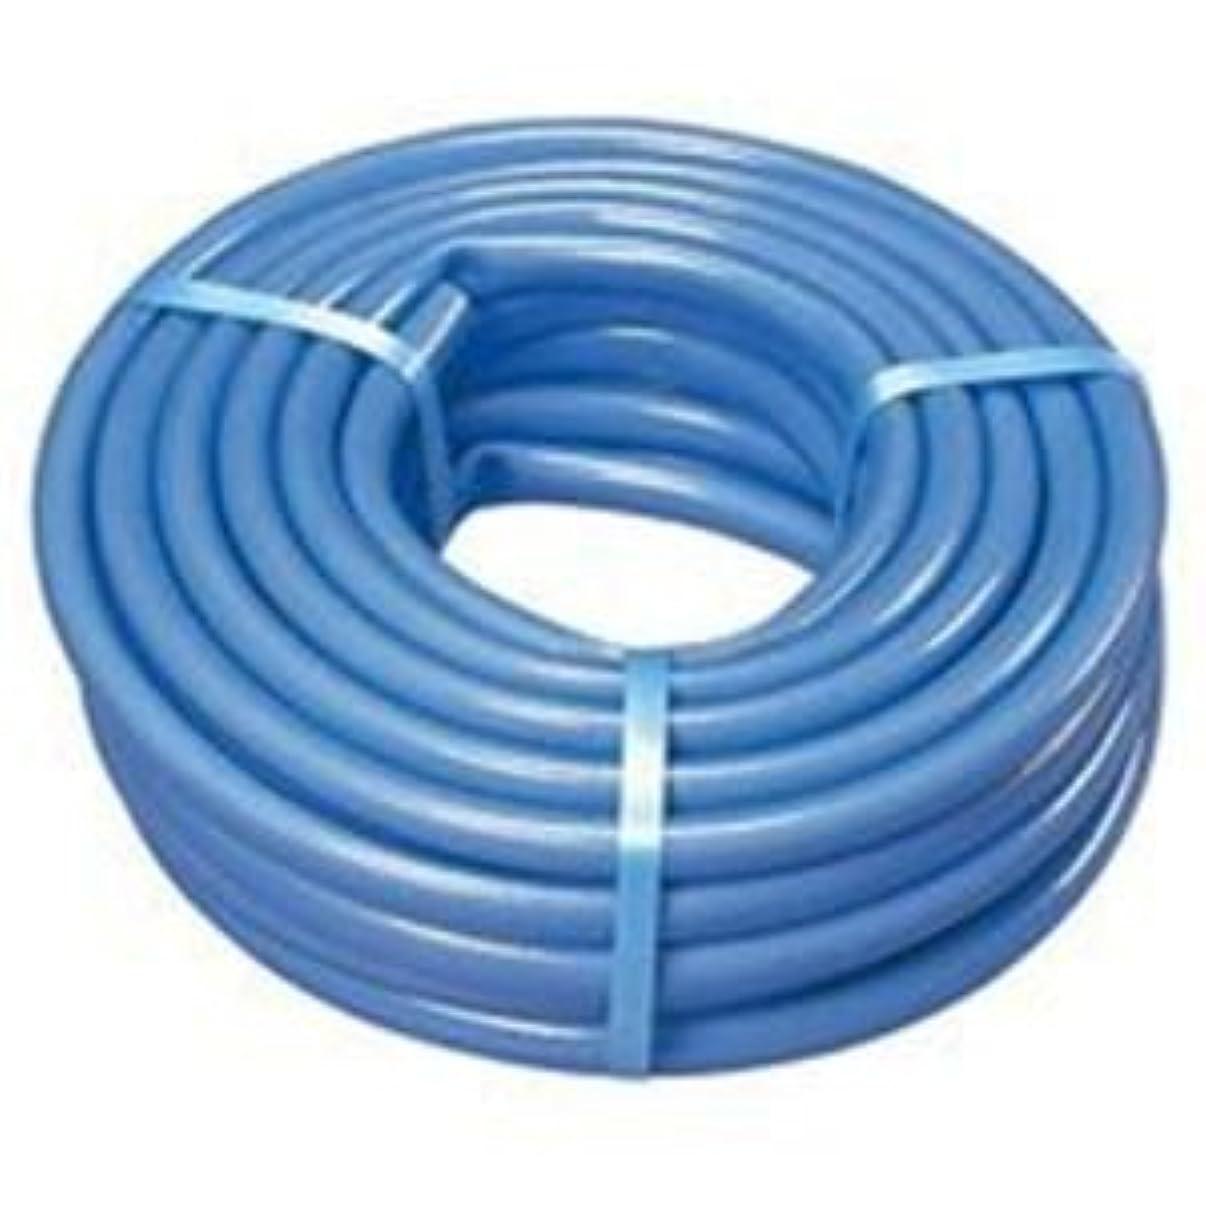 同意するについてハグ(業務用3セット)アイリスオーヤマ 耐圧糸入カットホース 20m ブルー 136412